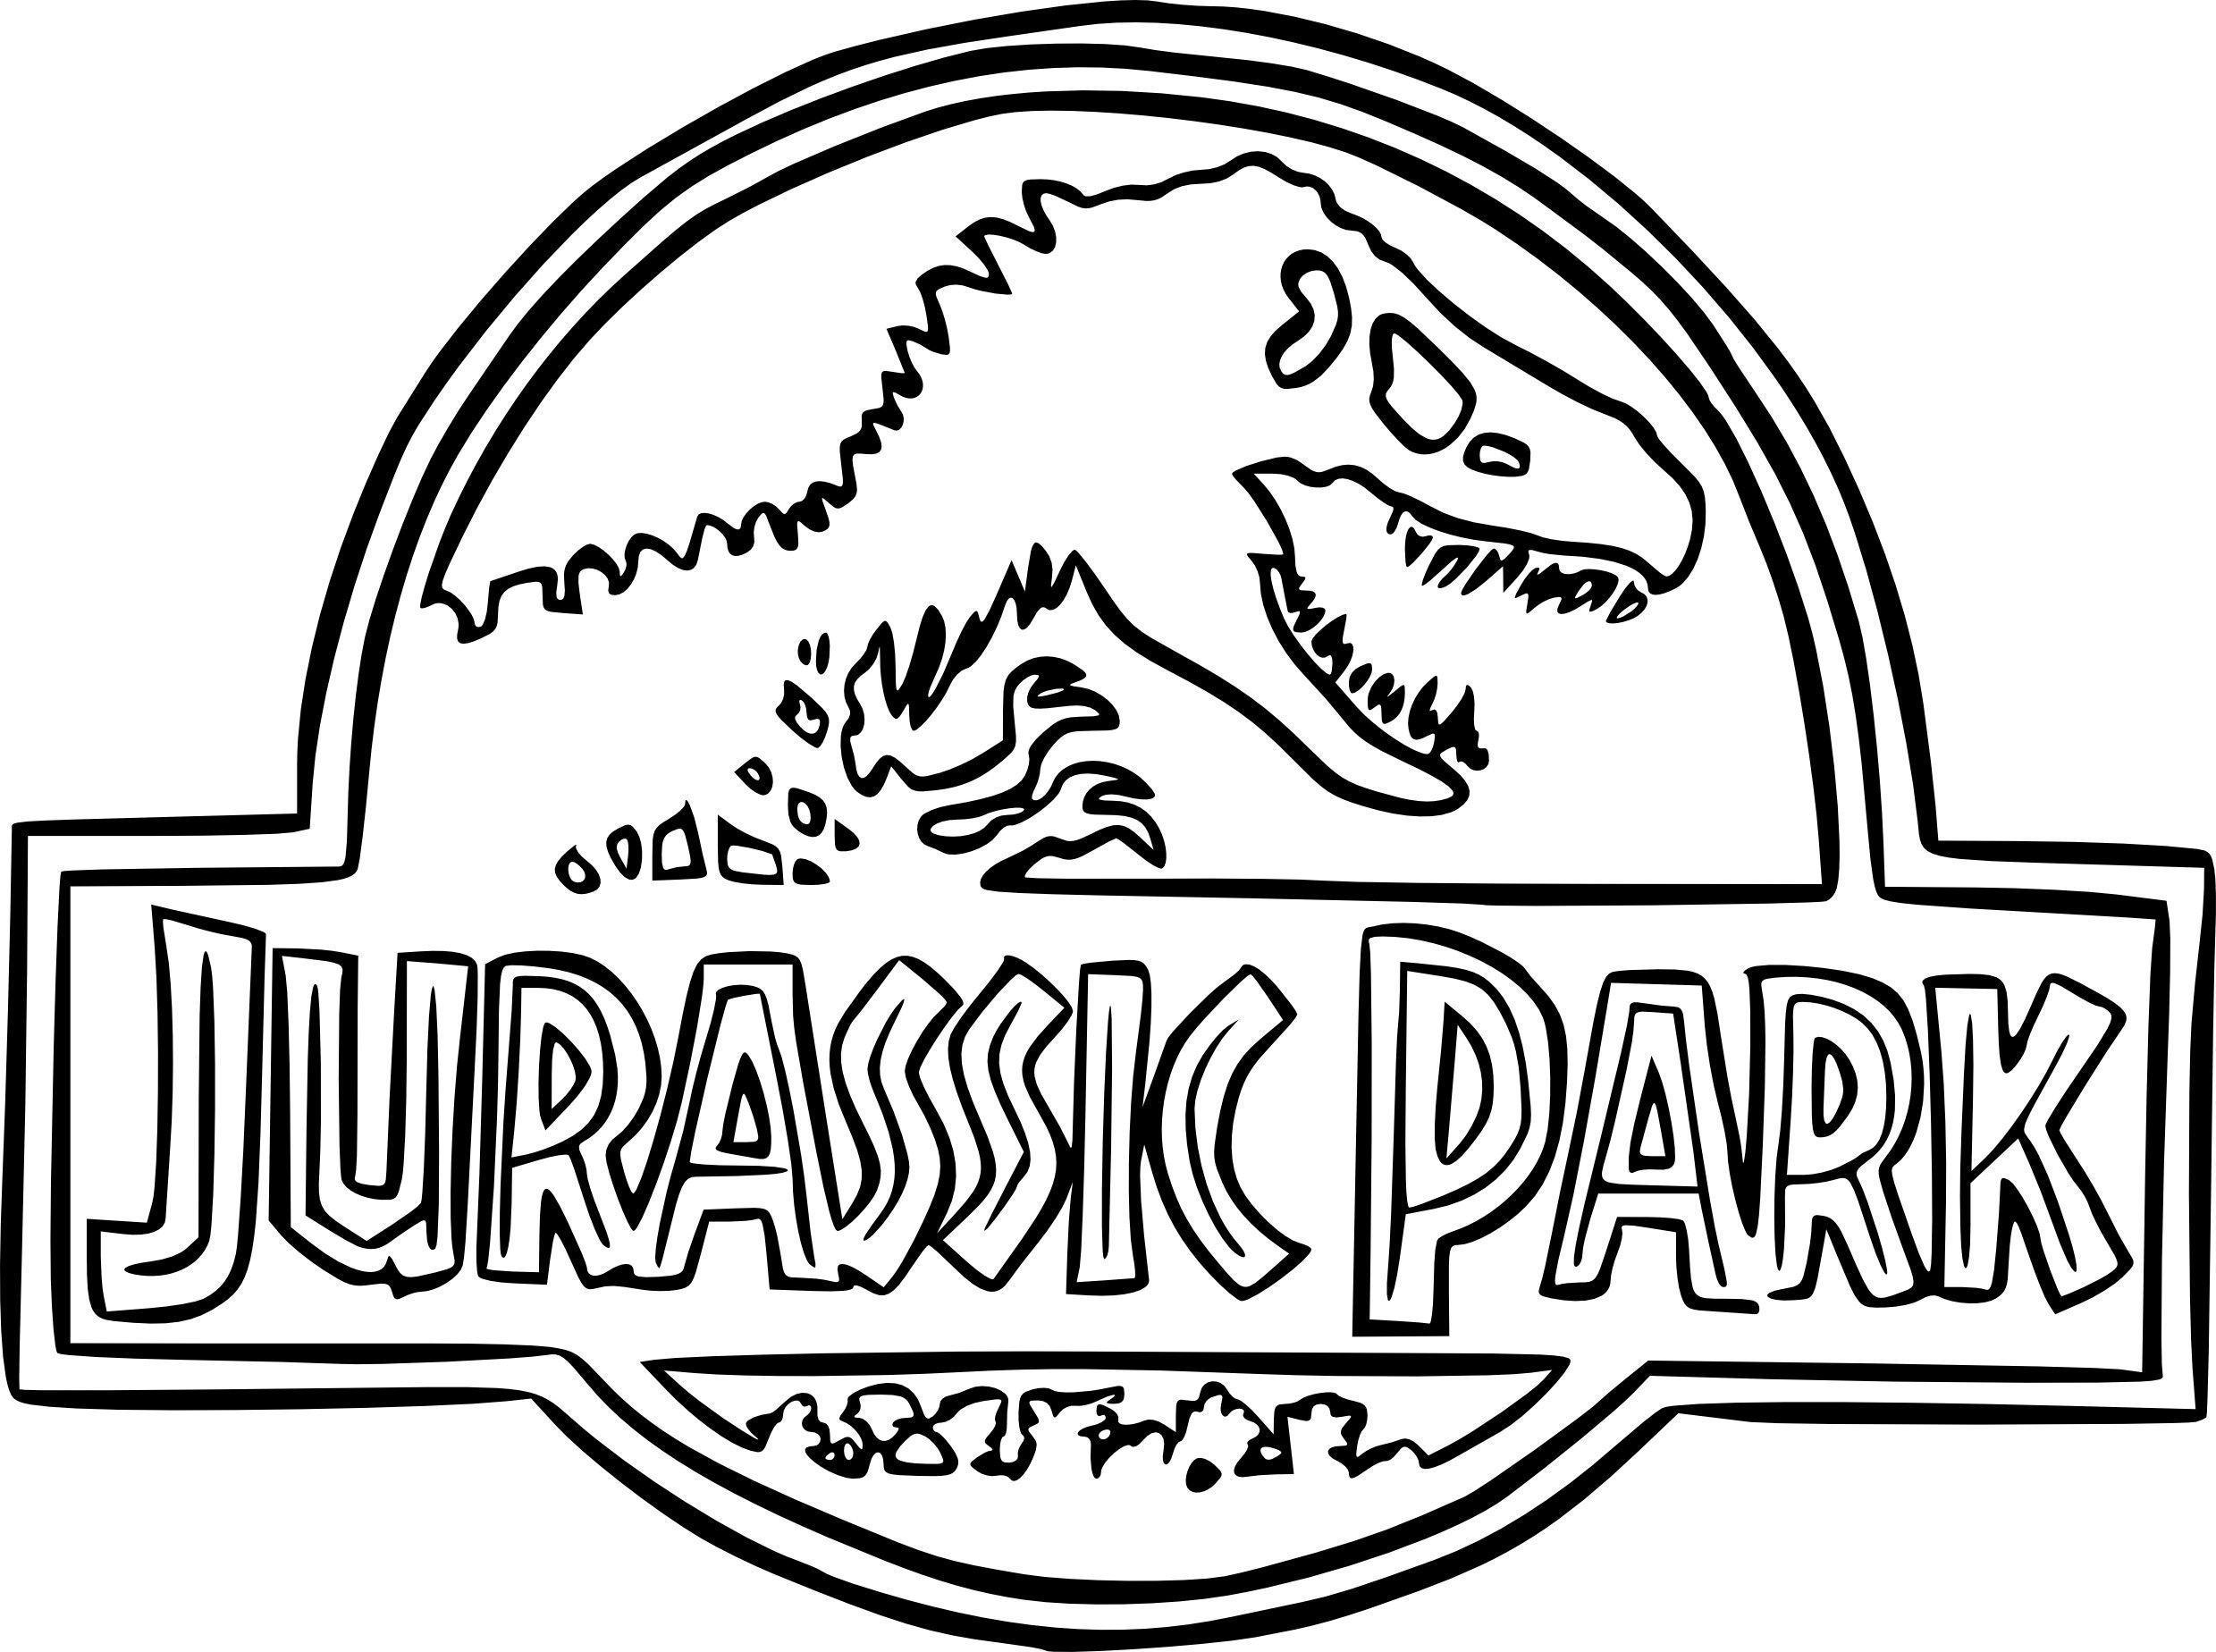 Pin Von Karam Auf Jurassic World In 2020 Dinosaurier Ausmalbilder Dino Ausmalbilder Ausmalbilder Zum Ausdrucken